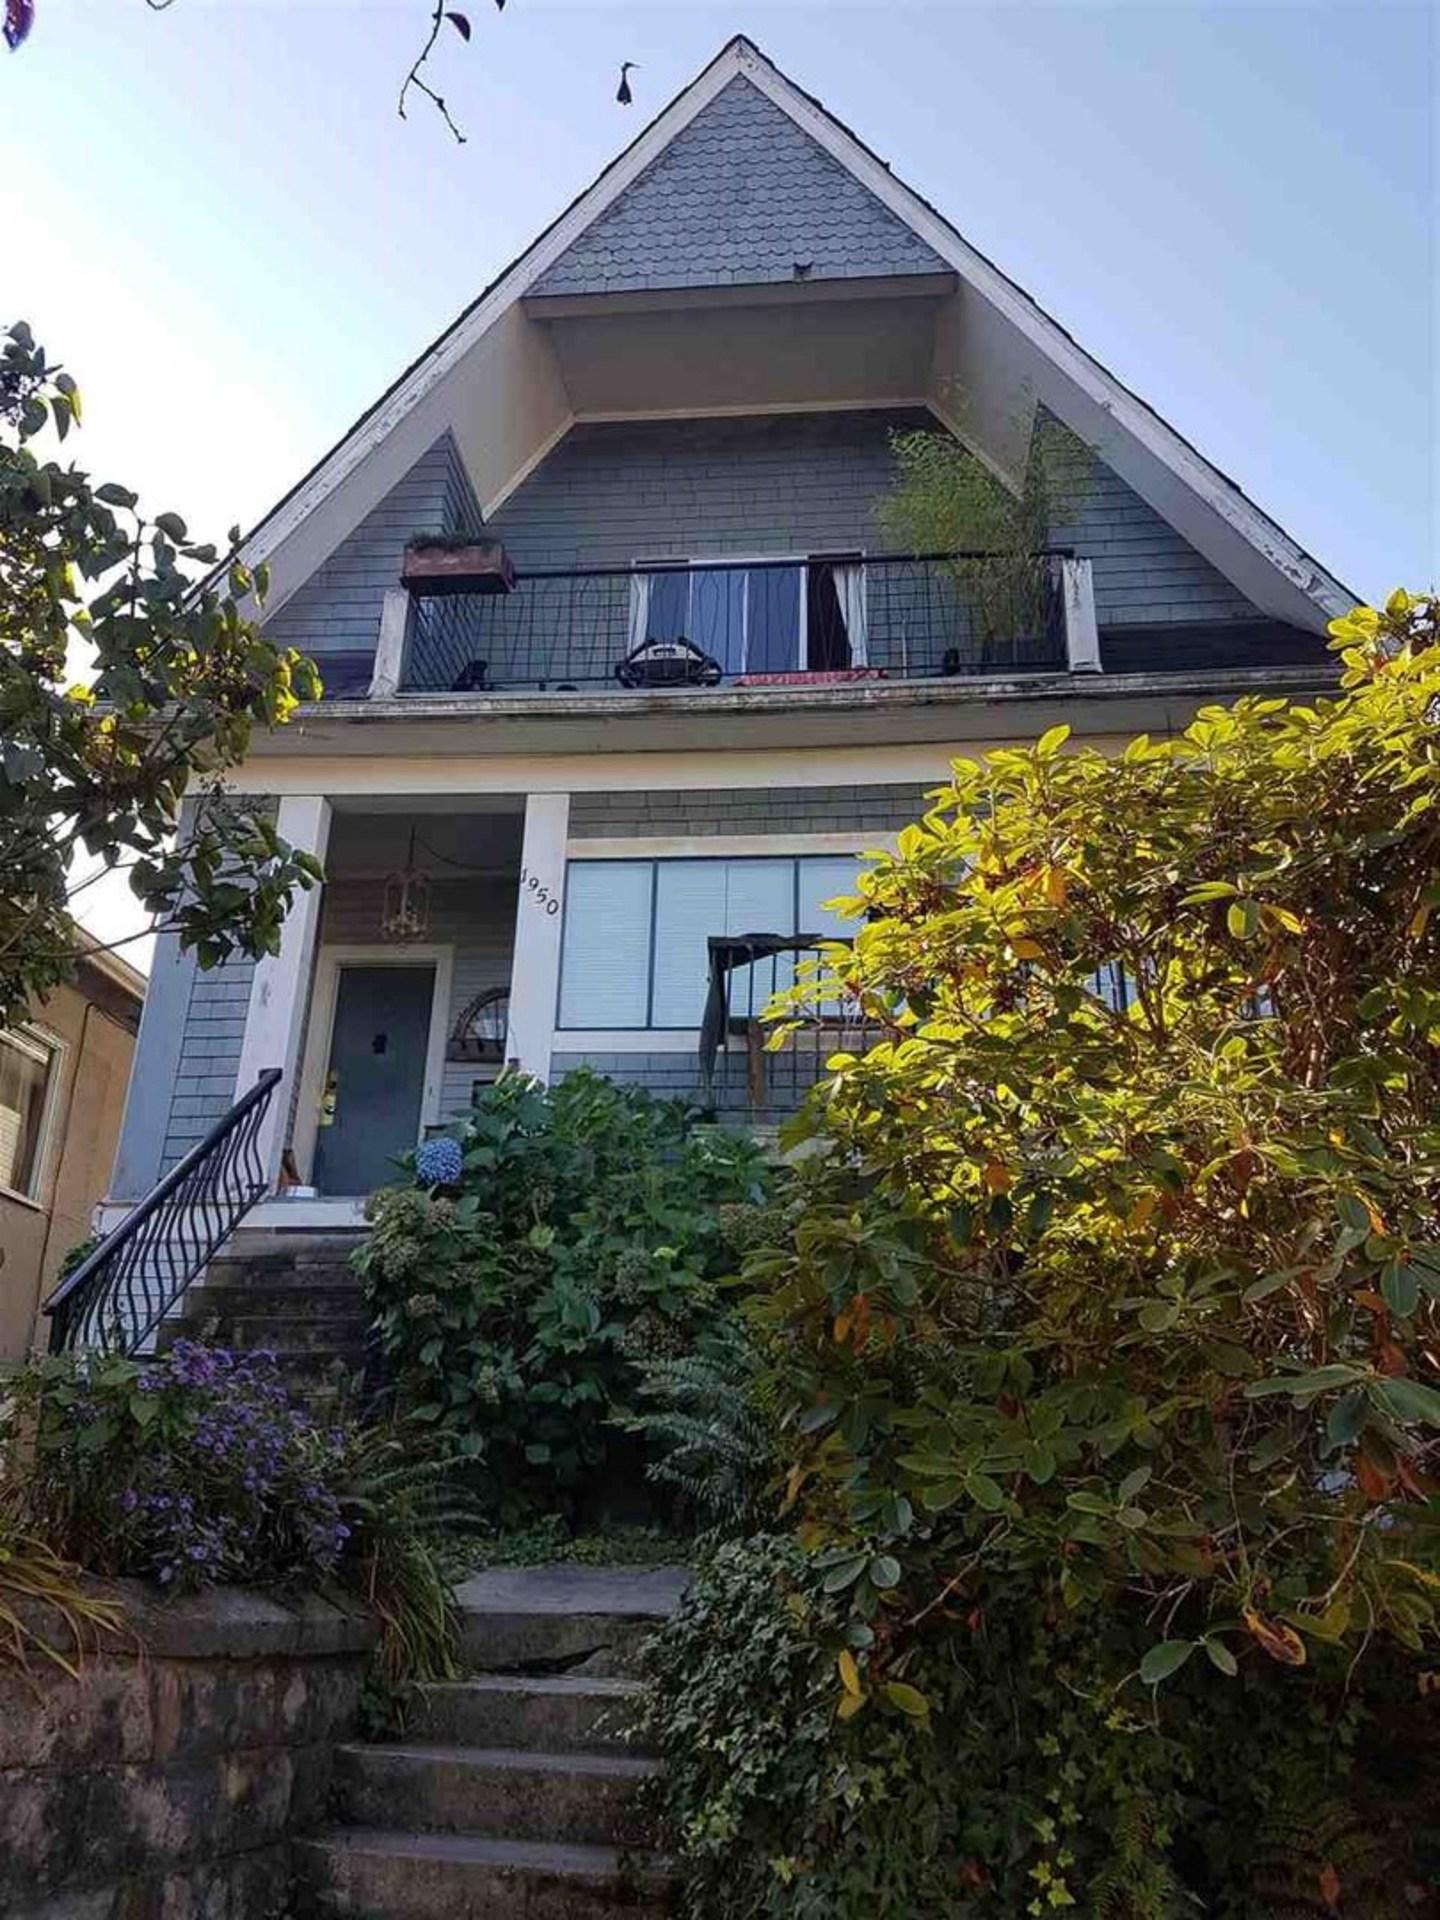 1950-adanac-street-hastings-vancouver-east-01 at 1950 Adanac Street, Hastings, Vancouver East